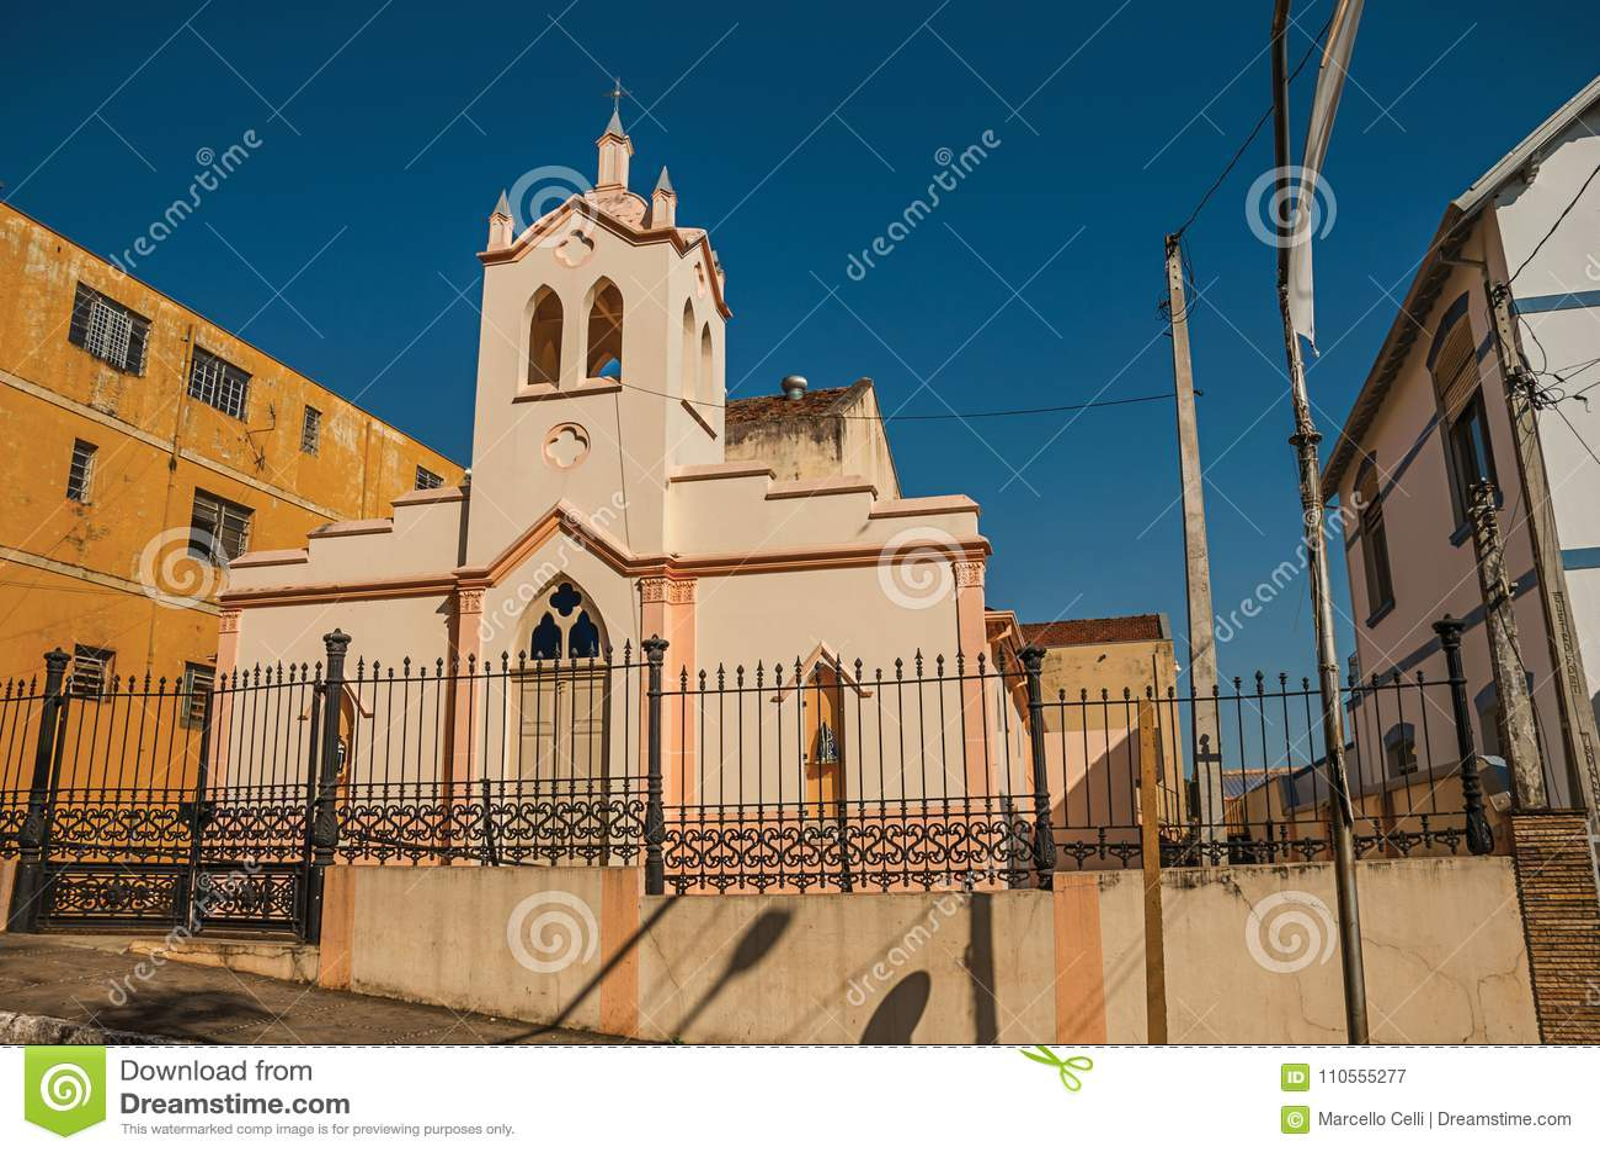 Fachada da igreja e da torre de sino pequenas atrás da cerca do ferro, em um dia ensolarado em São Manuel